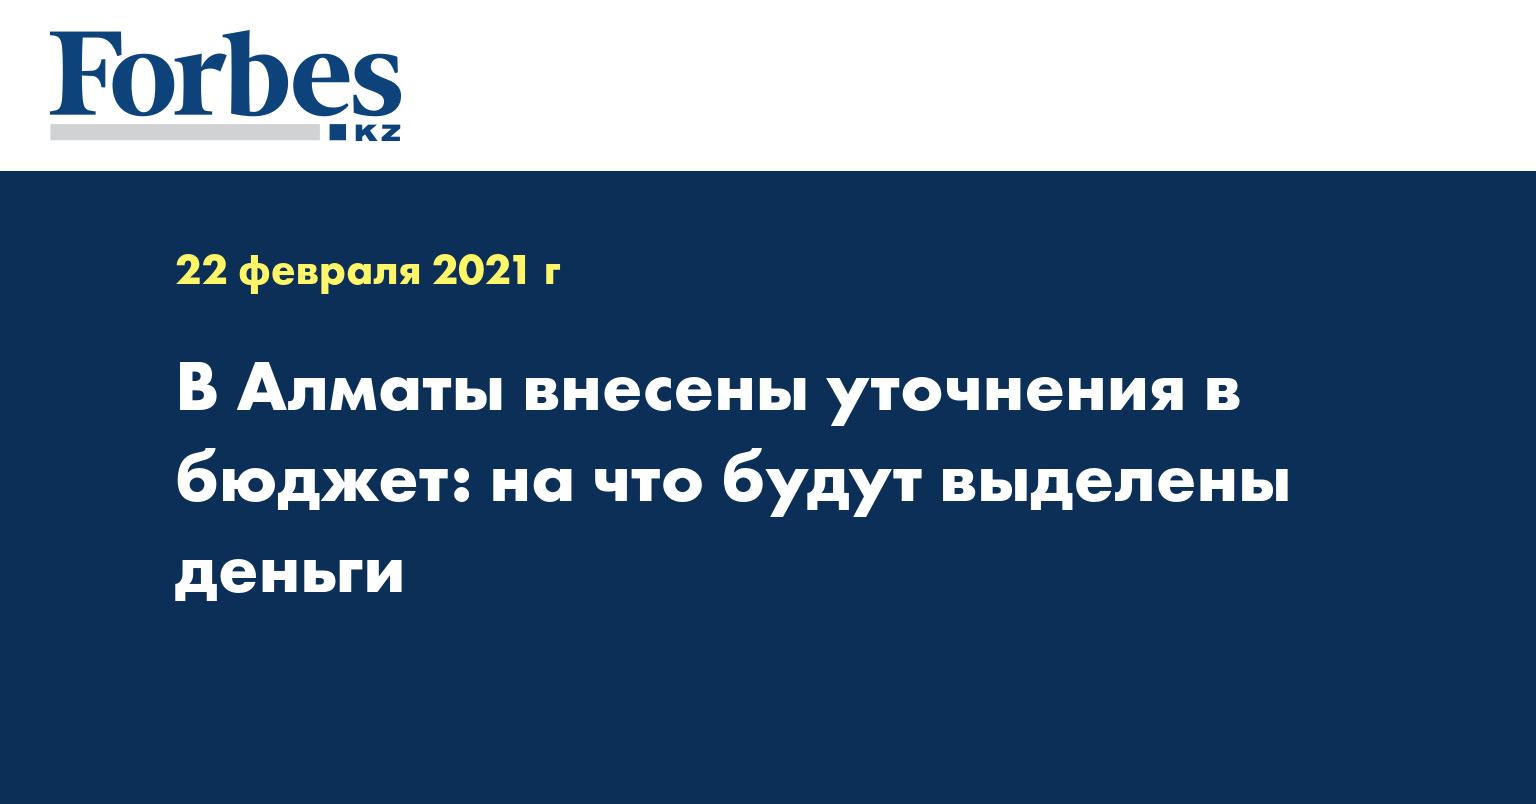 В Алматы внесены уточнения в бюджет: на что будут выделены деньги